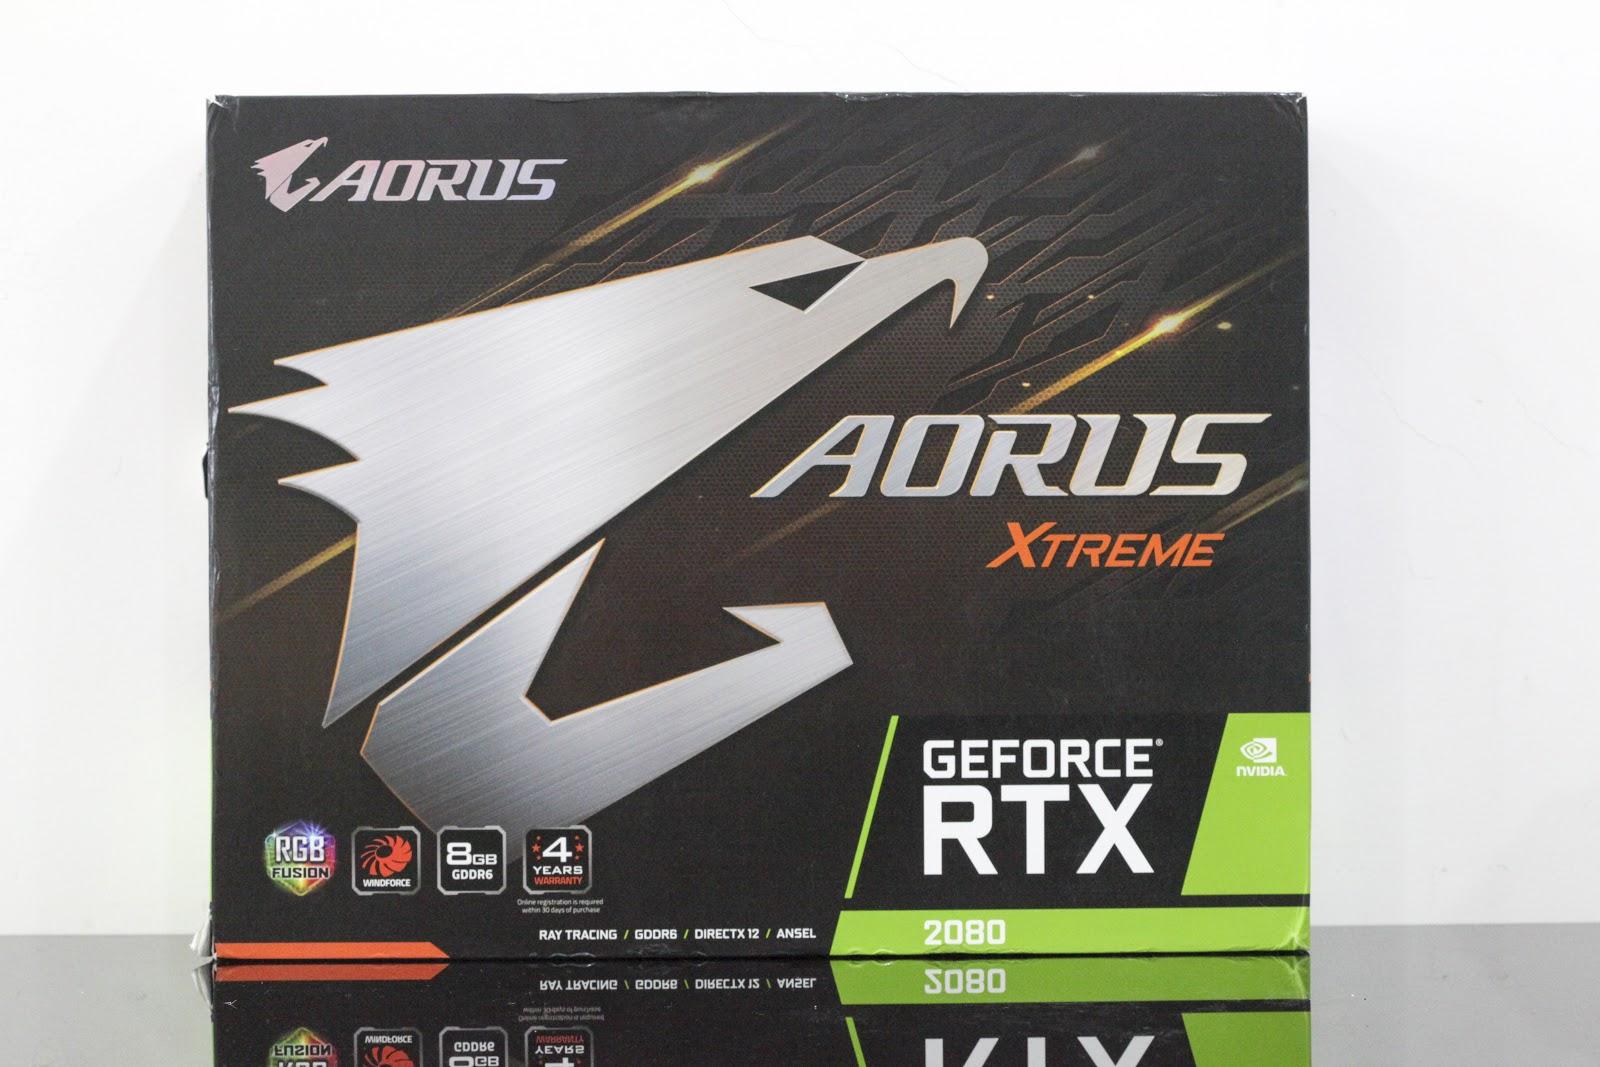 Gigabyte Aorus GeForce RTX 2080 Xtreme: chiếc card đồ họa đẹp nhất năm 2018 - Ảnh 1.